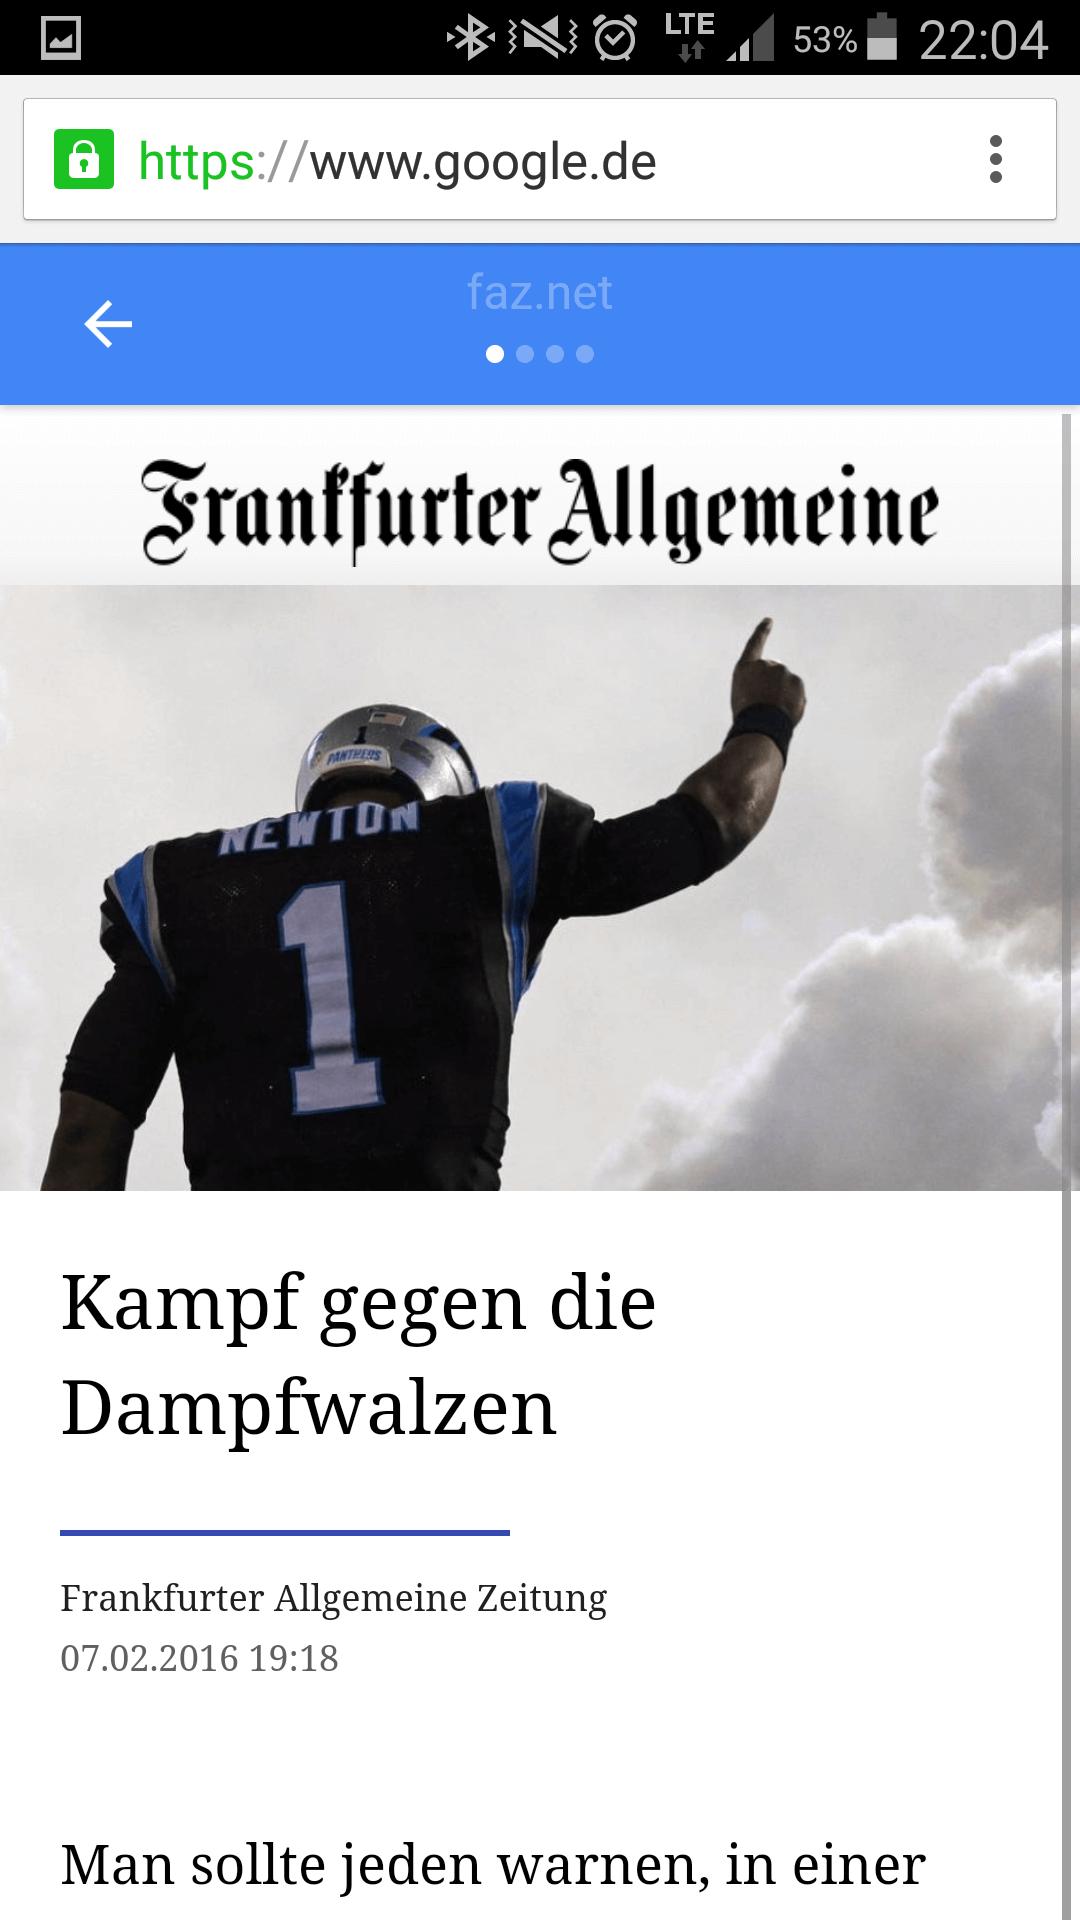 Eine AMP Nachrichtenseite der FAZ